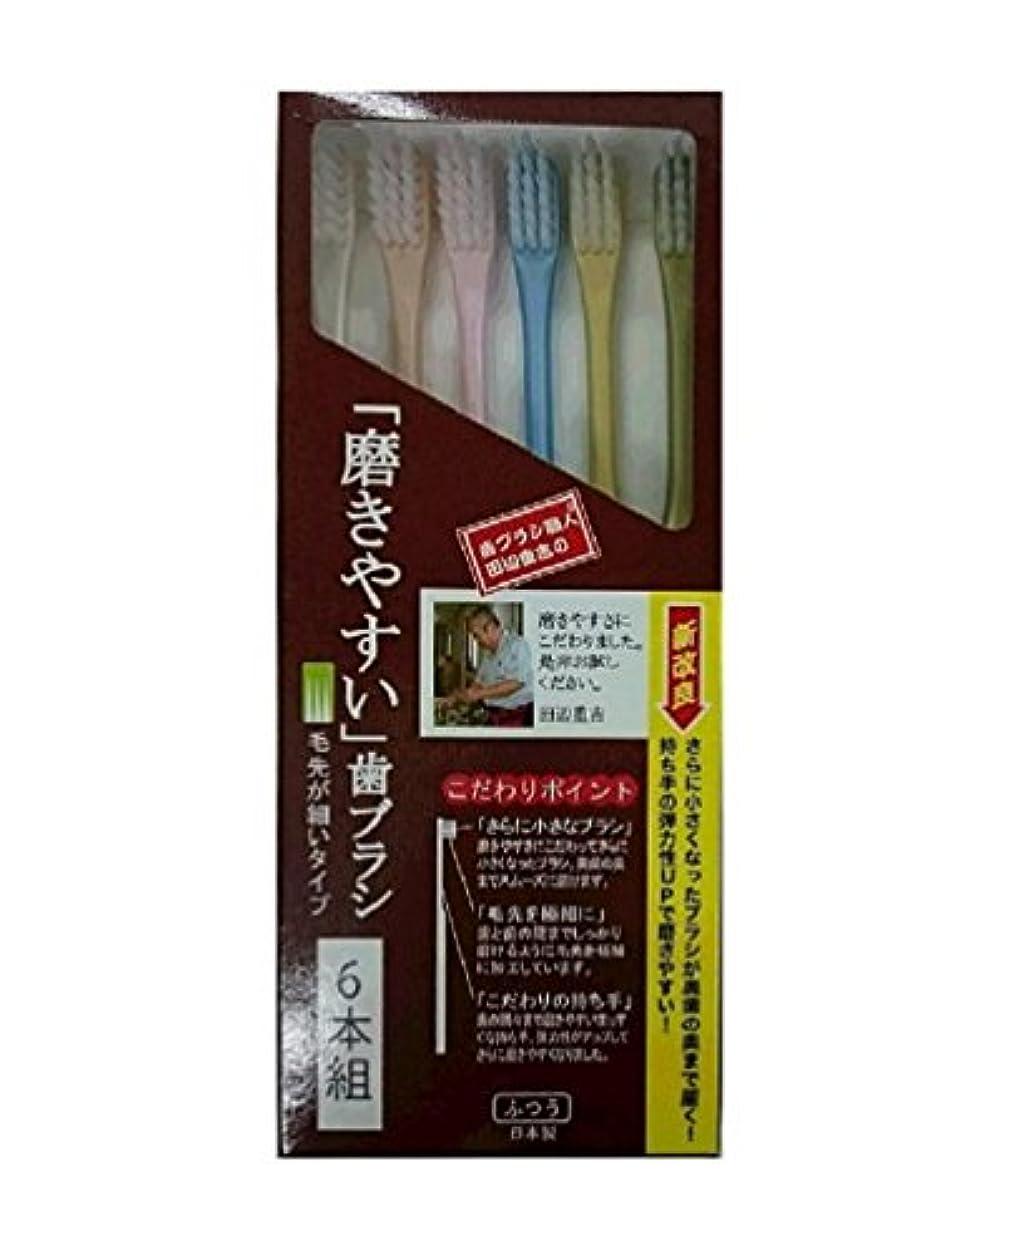 ぼんやりした差し控えるビザ歯ブラシ職人 田辺重吉考案 磨きやすい歯ブラシ 先細 6本組